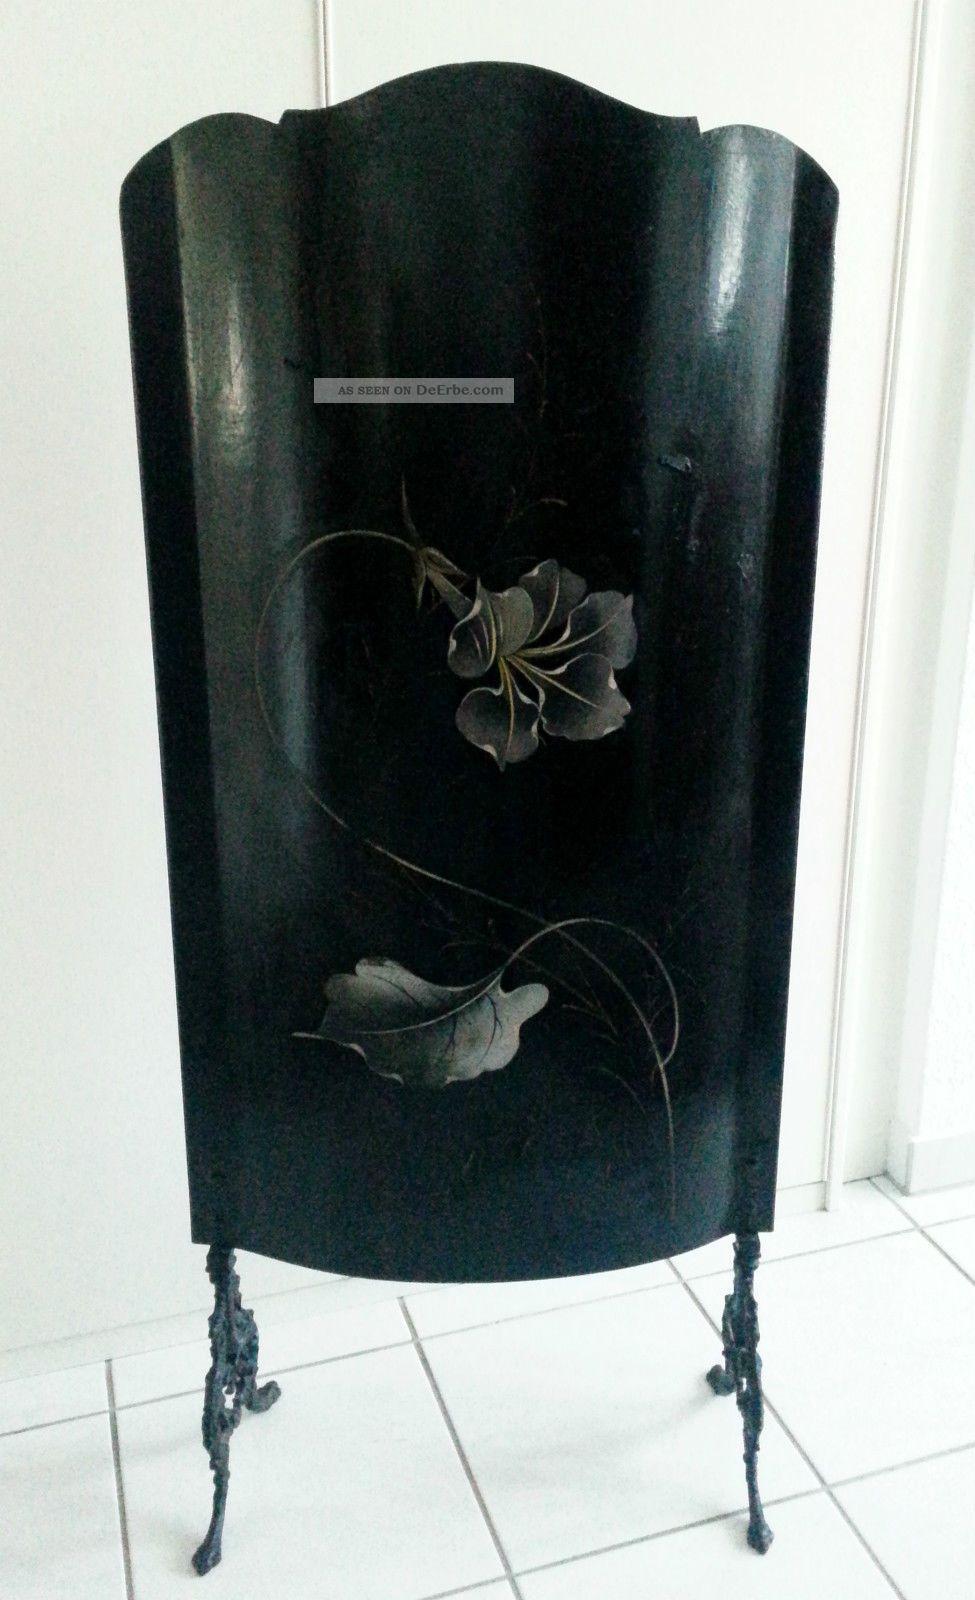 antiker ofenschirm jugendstil kaminschirm kamin funkenschutz paravent m bel. Black Bedroom Furniture Sets. Home Design Ideas